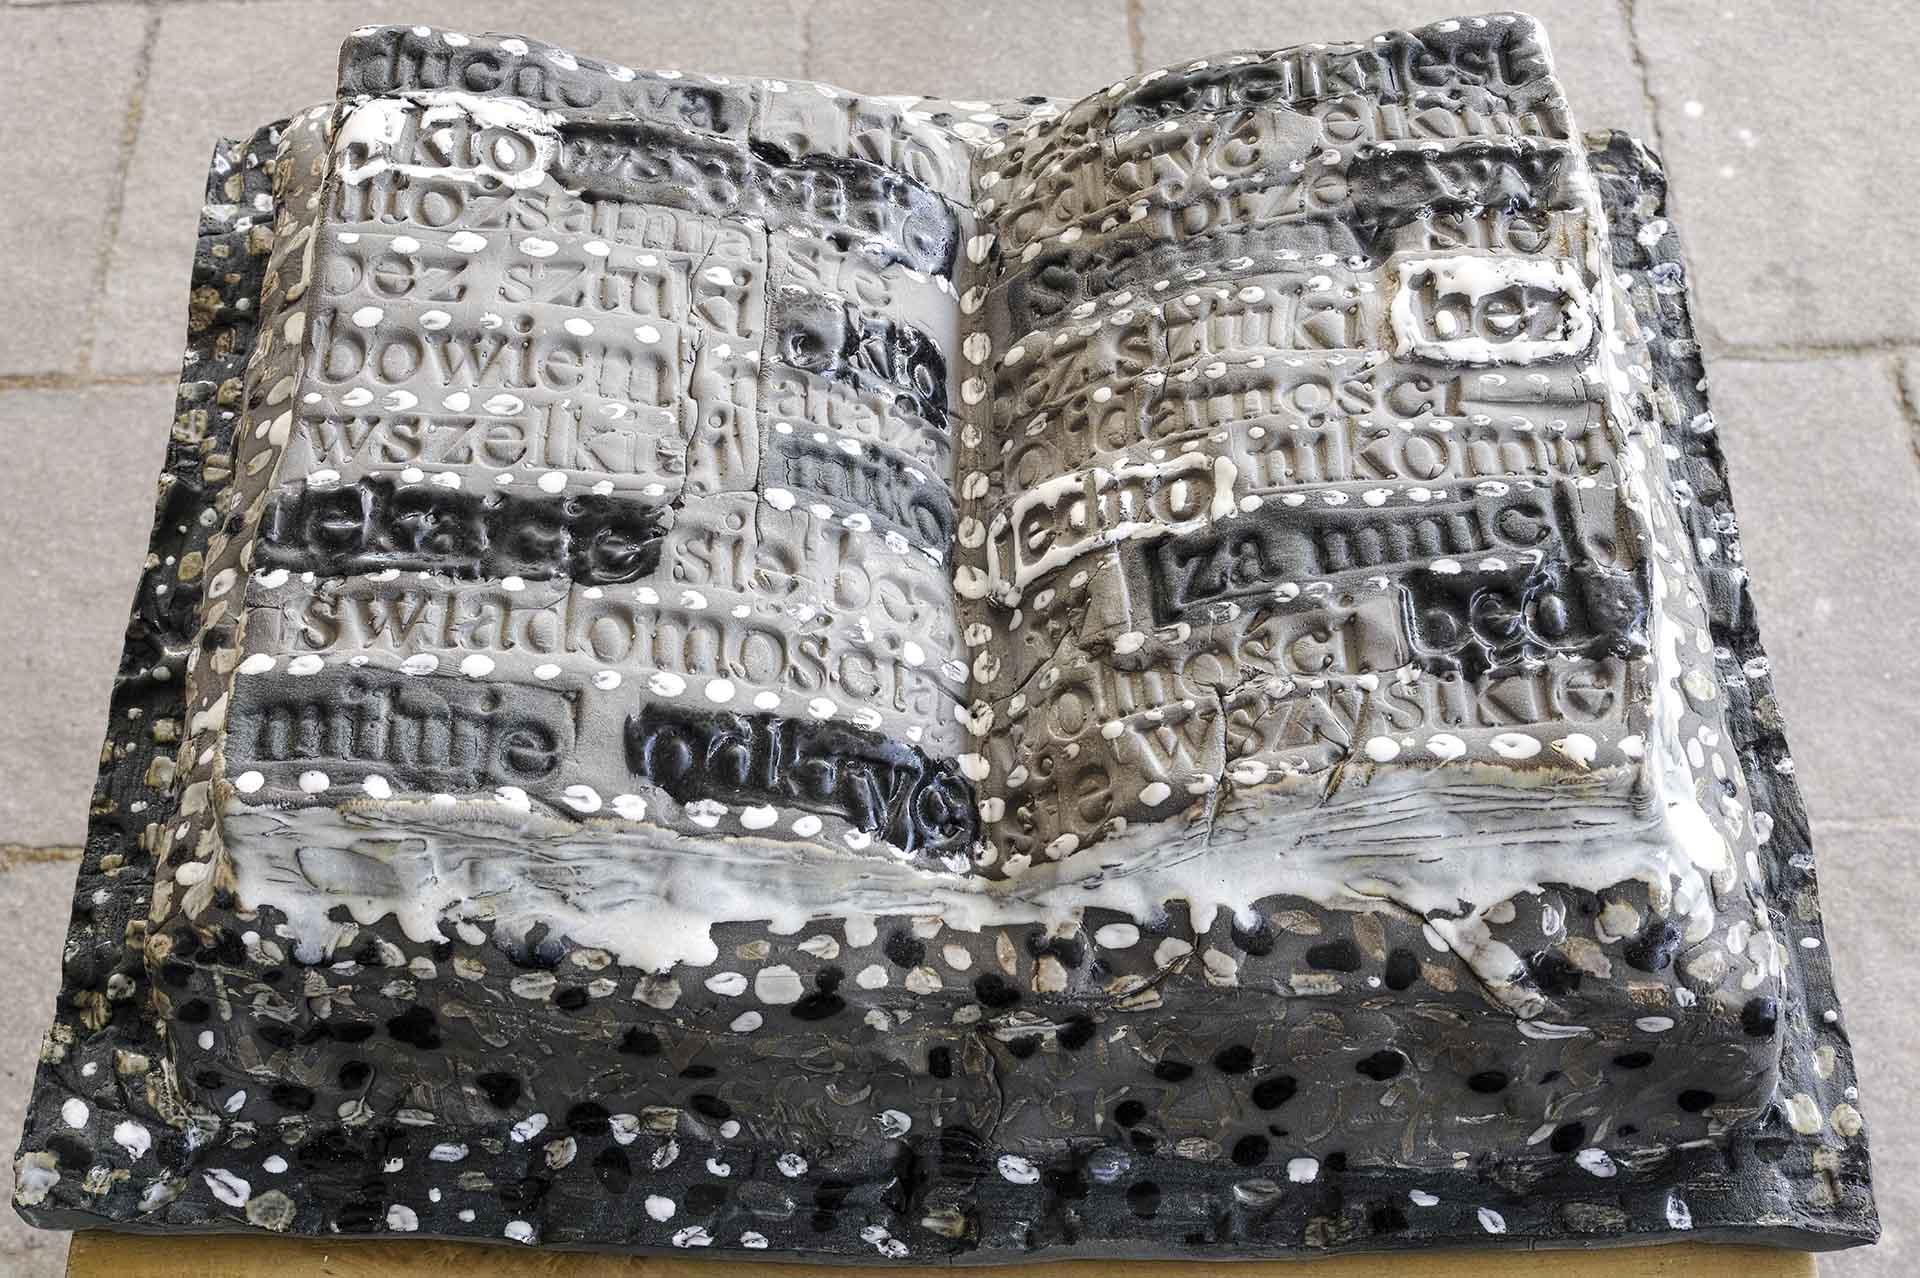 2020 Eugeniusz Józefowski Książka miłująca na czarno z cyklu Dobro-wolność 38 x 30,5 x 11 cm ceramika szkliwiona A